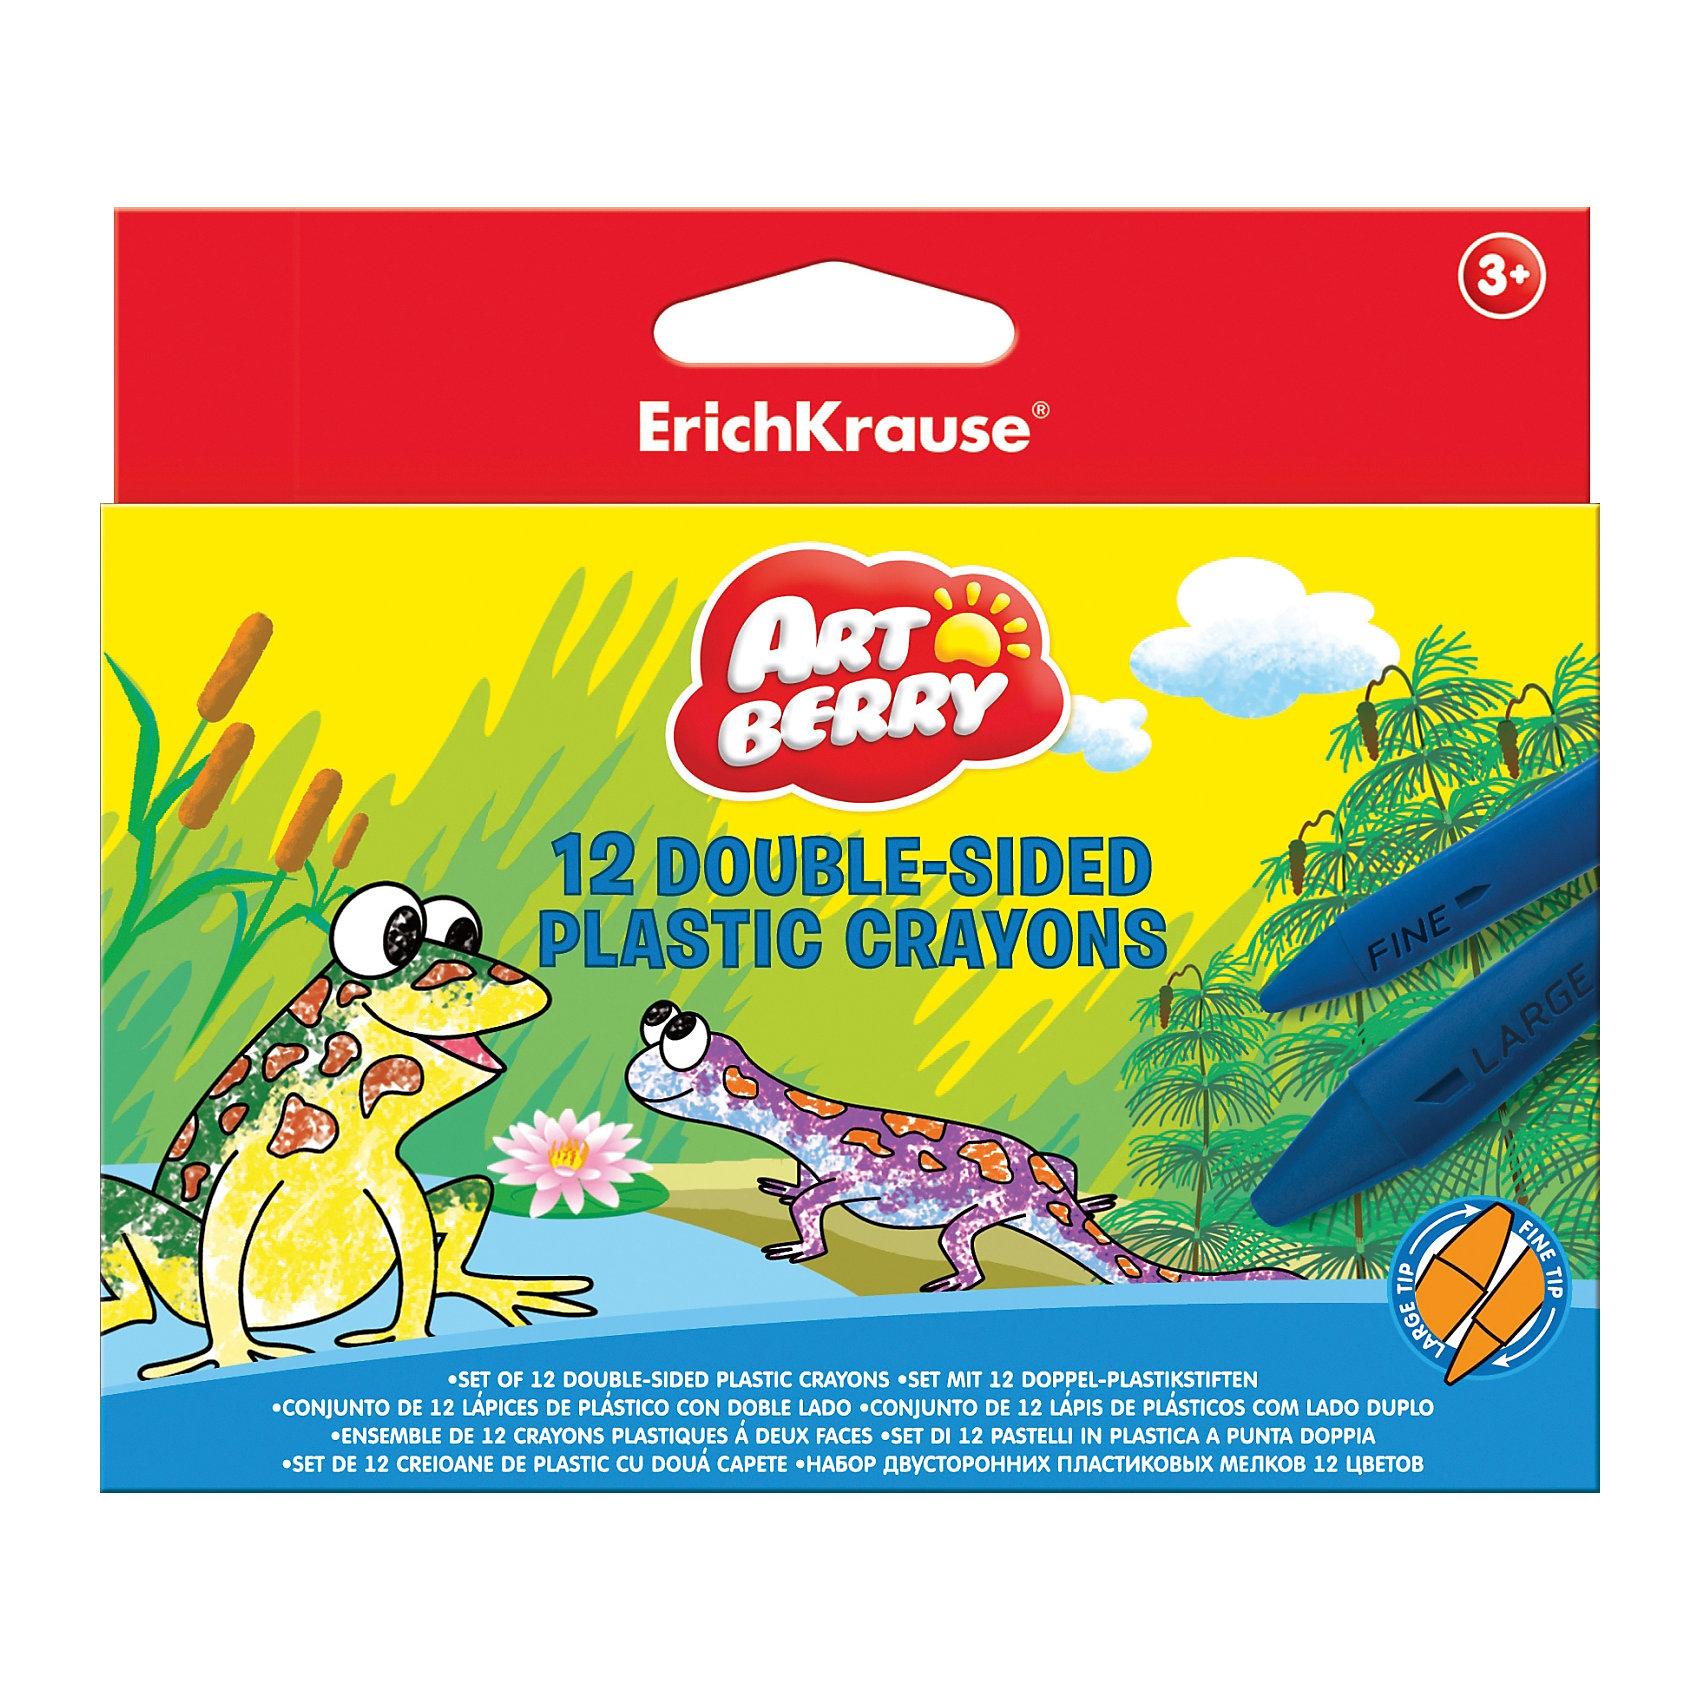 Двухсторонние пластиковые мелки ArtBerry jumbo, 12 цветовМасляные и восковые мелки<br>Характеристики товара:<br><br>• материал упаковки: пластик <br>• длина: 9 см<br>• количество цветов: 12<br>• треугольная форма<br>• возраст: от 3 лет<br>• вес: 107 г<br>• габариты упаковки: 15х12х1,5 см<br>• страна производитель: Китай<br><br>Мелки в пластиковой упаковке – альтернатива классическим мелкам. К преимуществам относится полное отсутствие возможности испачкать ручки. Данная модель двухсторонняя: в одном стержне находятся одновременно 2 цвета.<br><br>Двухсторонние пластиковые мелки ArtBerry jumbo, 12 цветов, можно купить в нашем интернет-магазине.<br><br>Ширина мм: 148<br>Глубина мм: 125<br>Высота мм: 15<br>Вес г: 108<br>Возраст от месяцев: 36<br>Возраст до месяцев: 2147483647<br>Пол: Унисекс<br>Возраст: Детский<br>SKU: 5409246